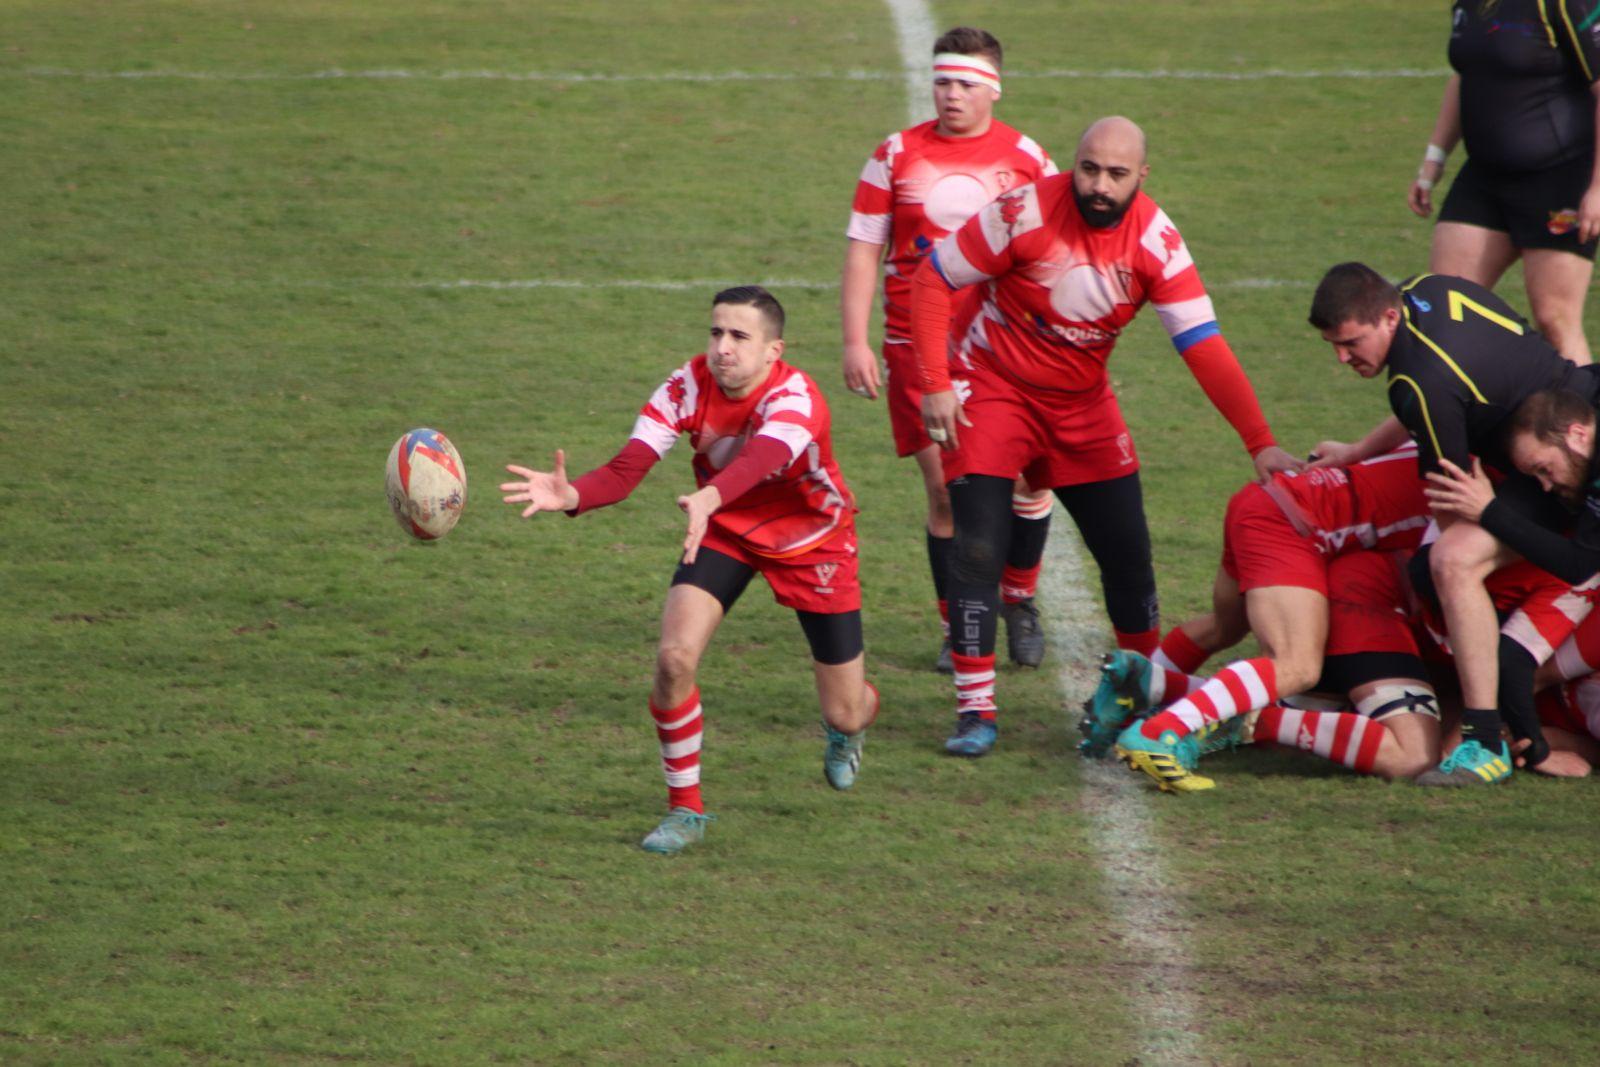 L'équipe fanion de l'US Vénissieux Rugby évoluera en 1e et 2e série du championnat territorial une saison encore